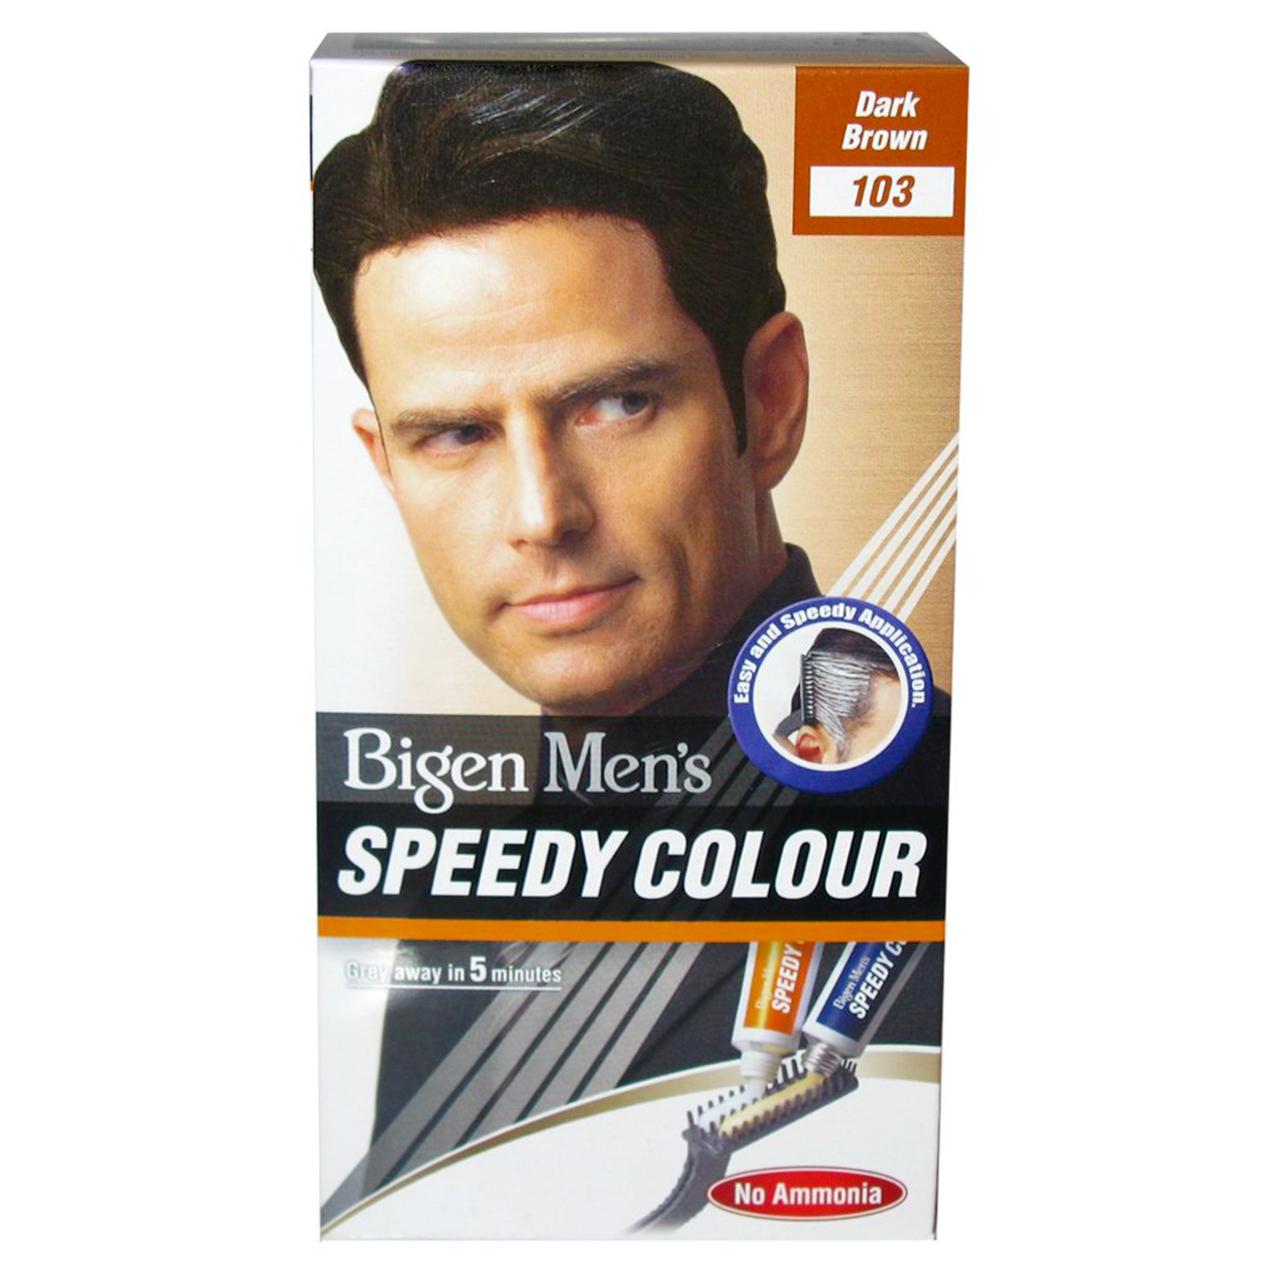 تصویر کیت رنگ مو بیگن سری speedy colour مدلdark brown شماره 103